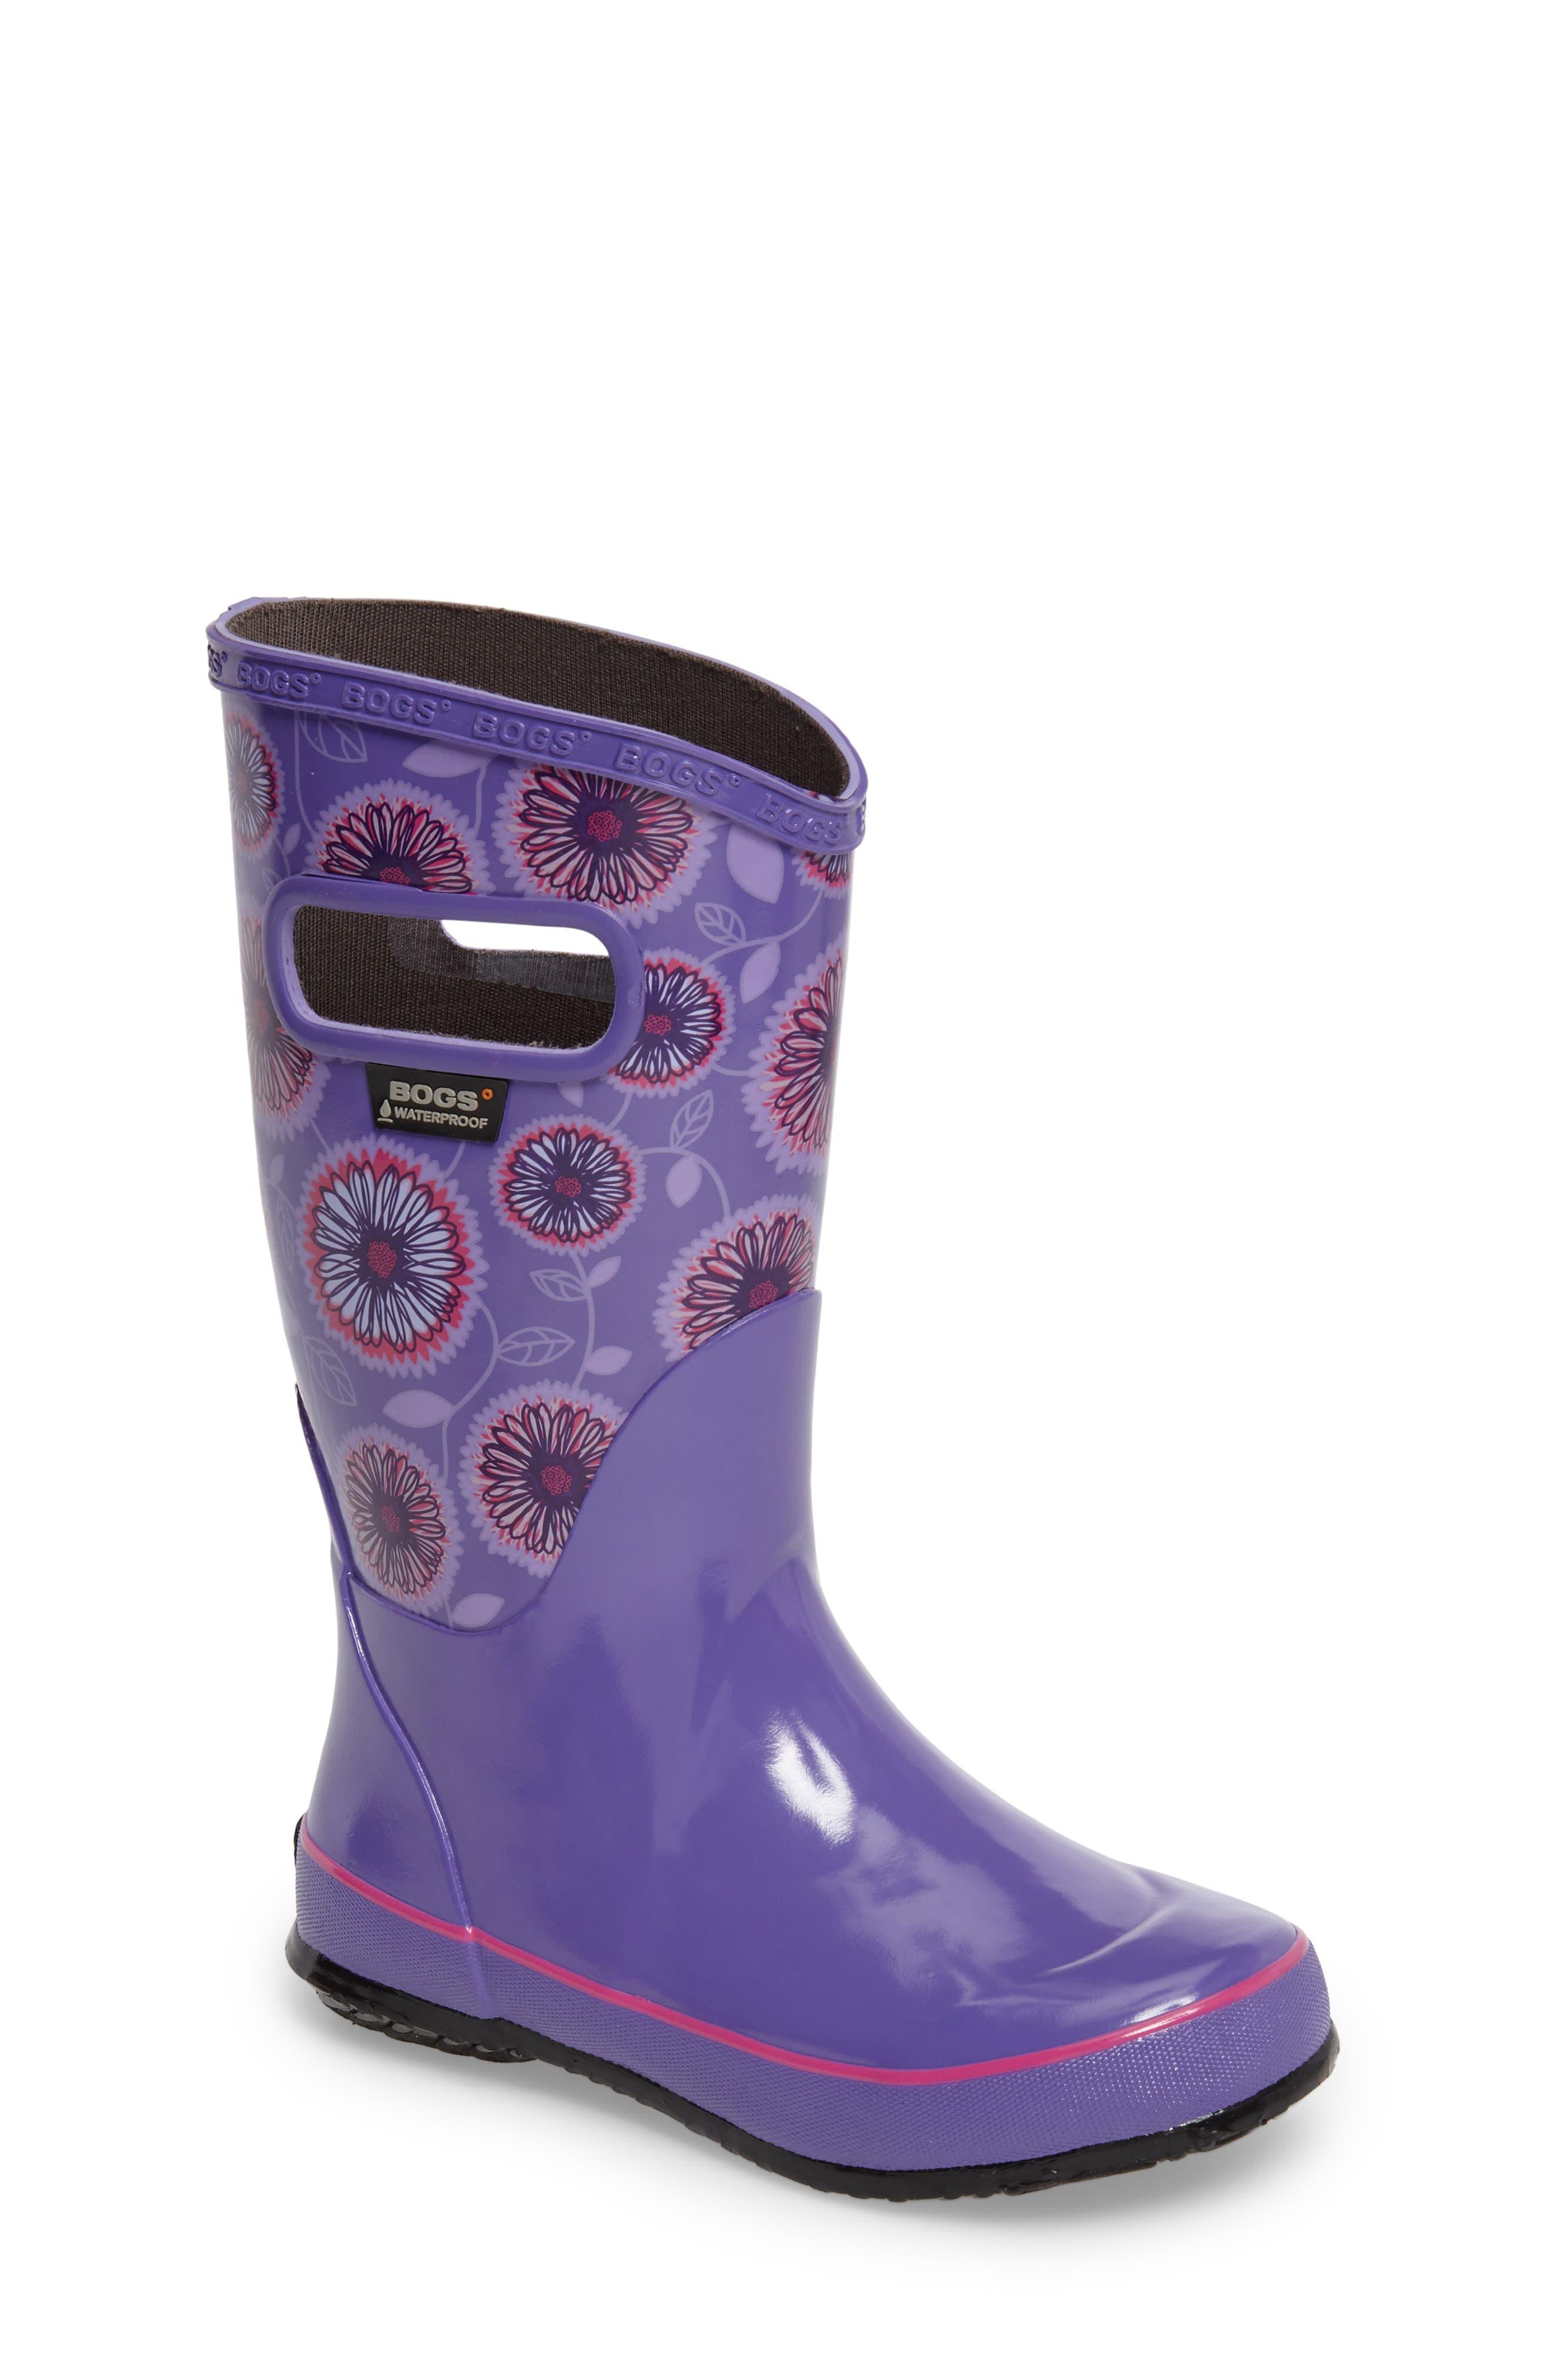 BOGS Wildflowers Rubber Rain Boot